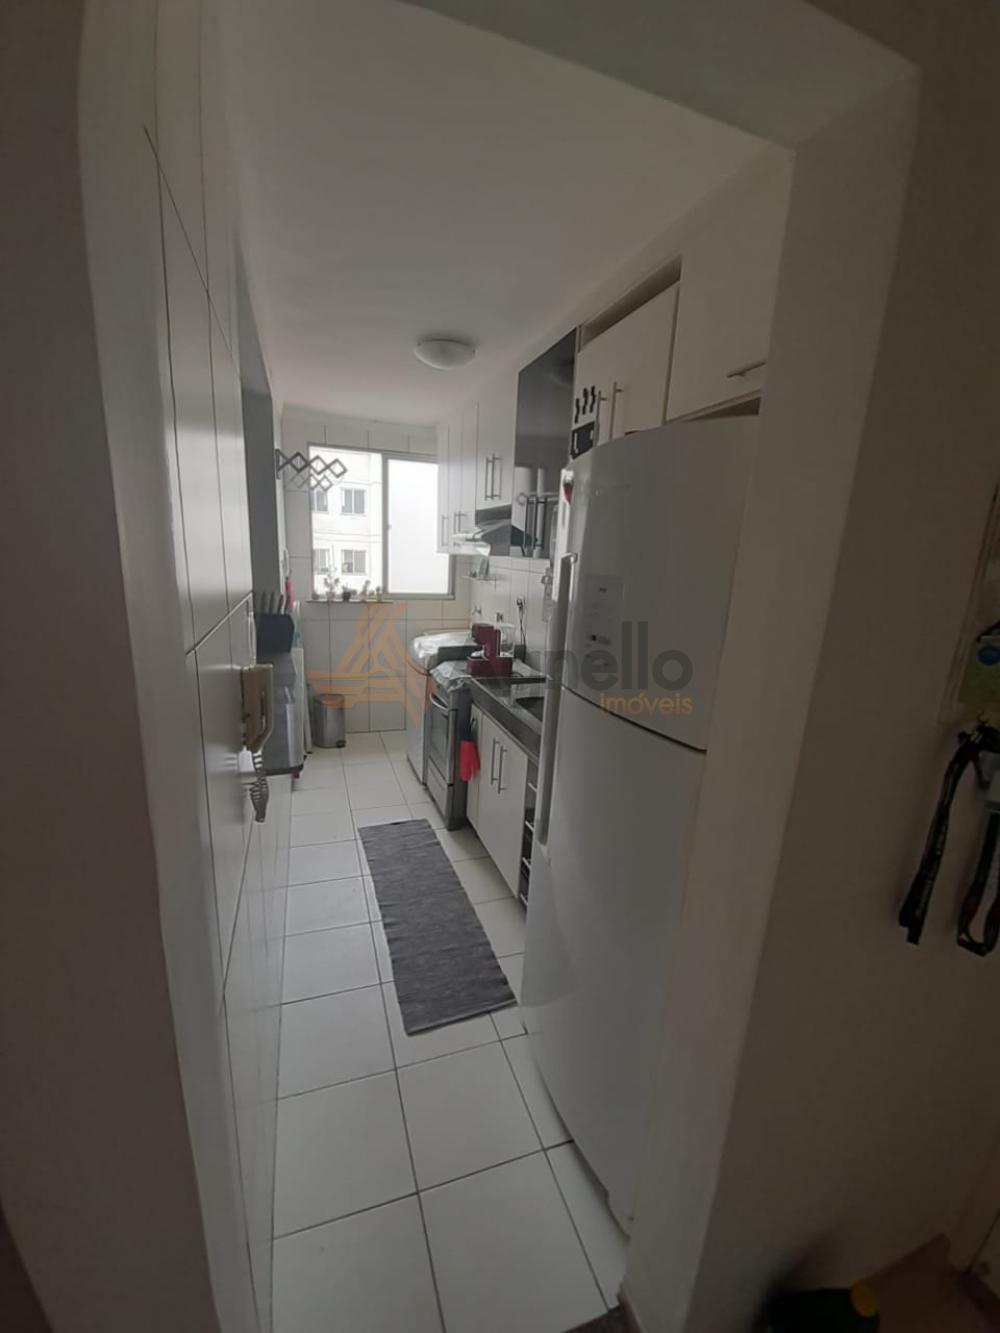 Comprar Apartamento / Padrão em Franca R$ 145.000,00 - Foto 2